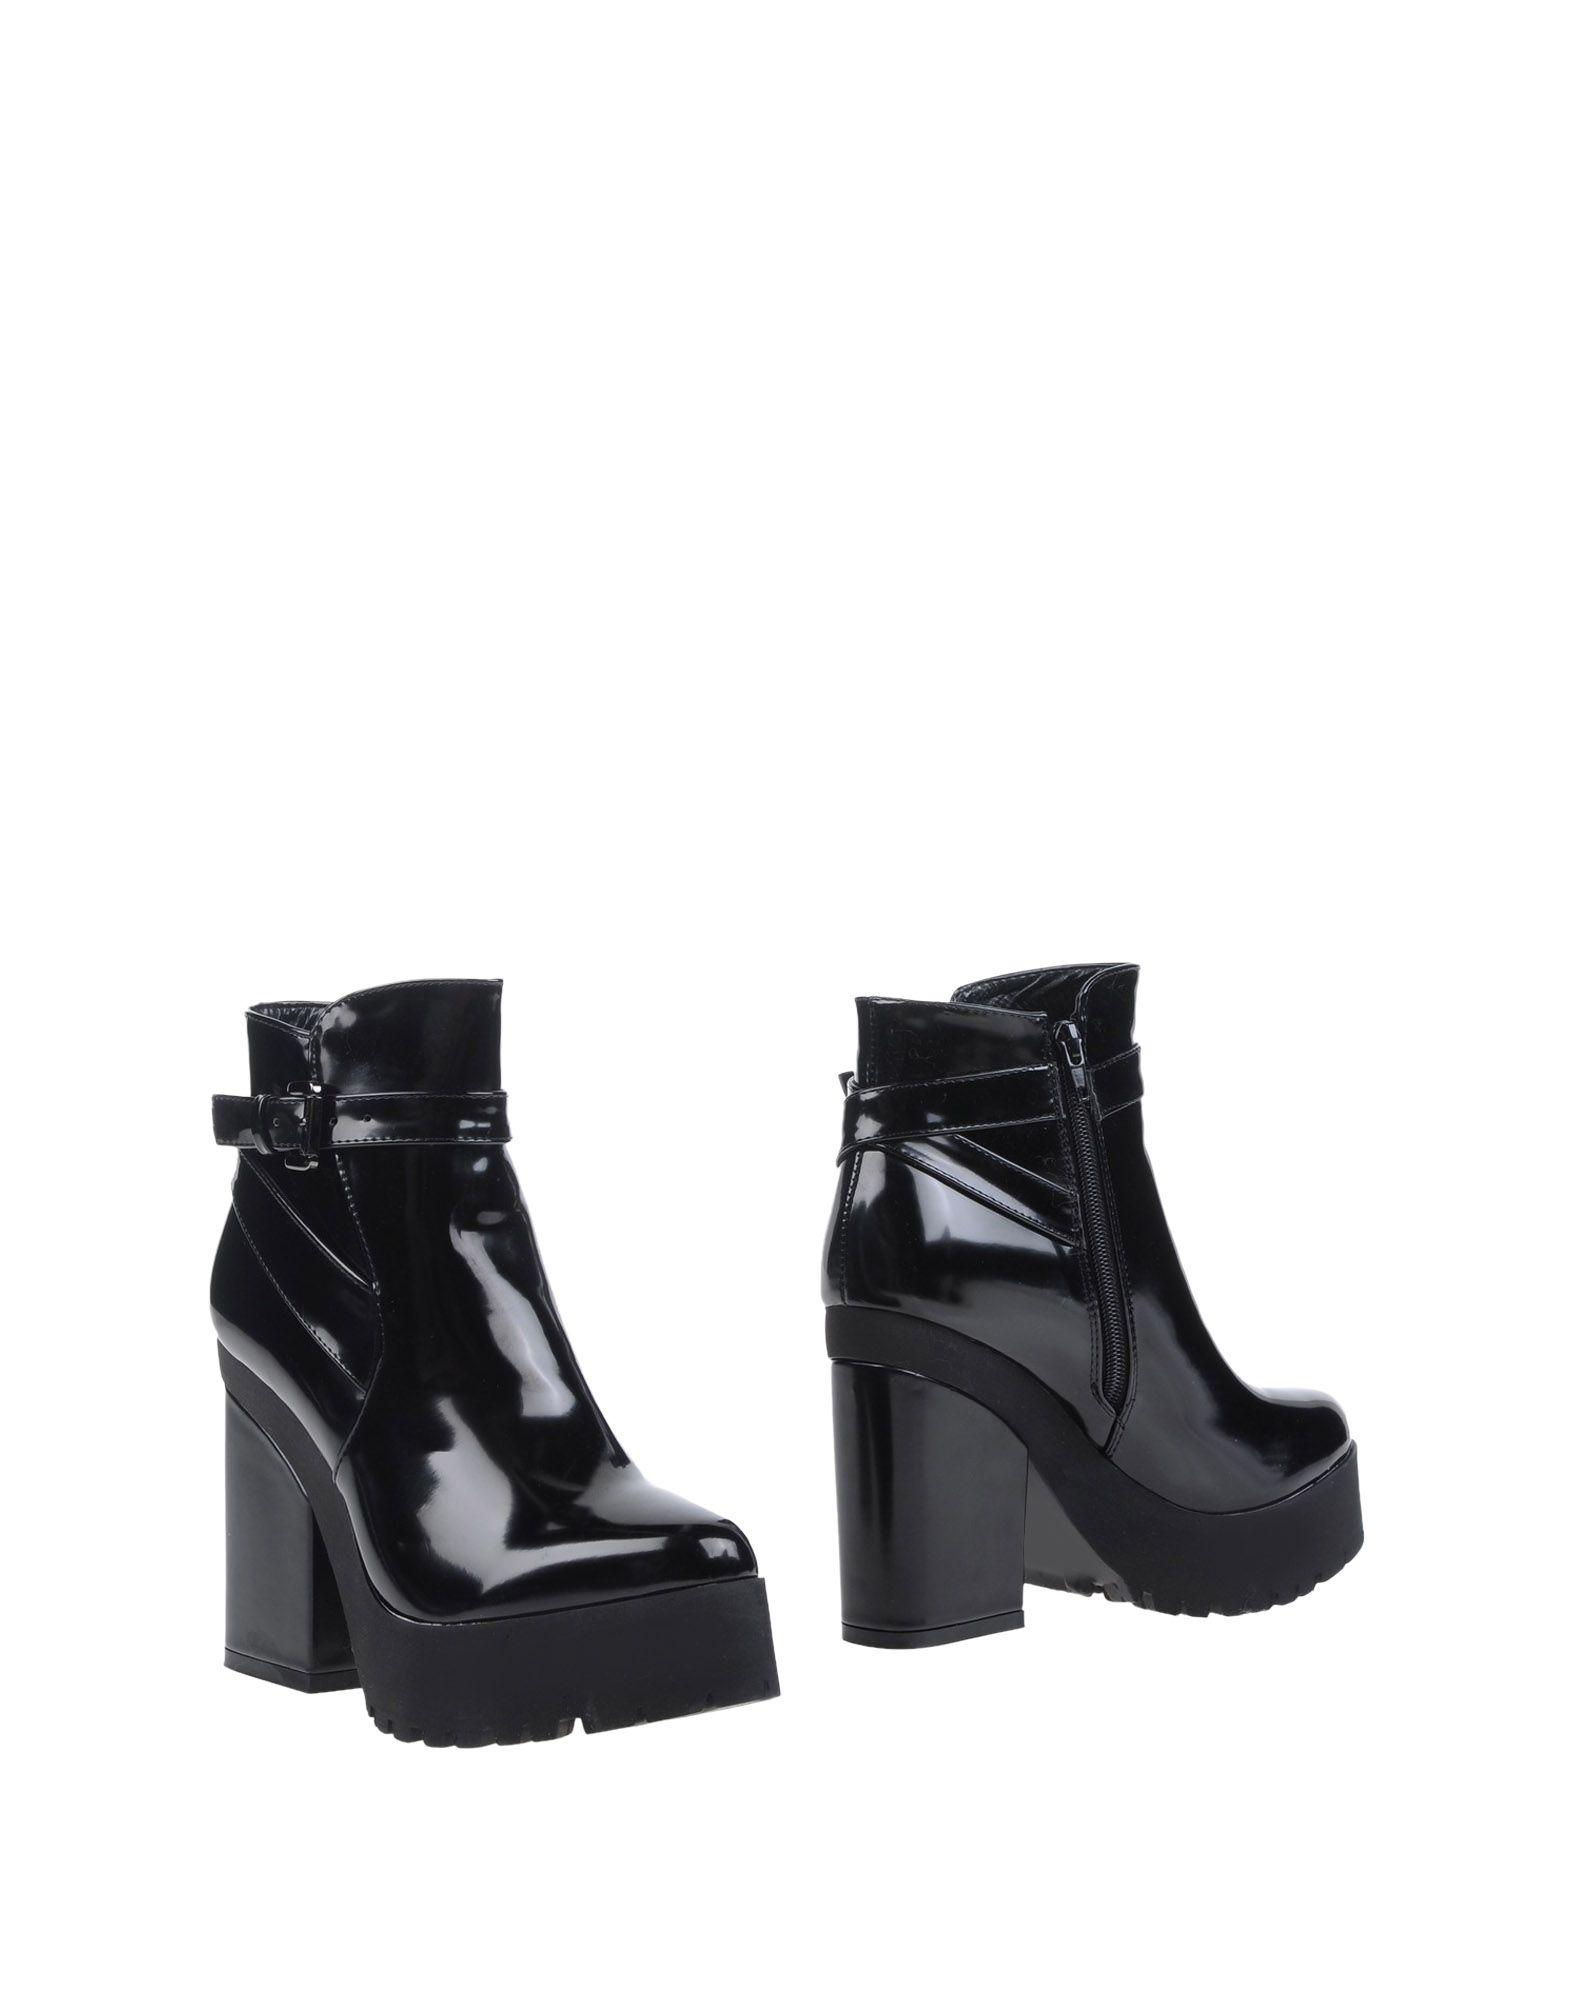 Police 883 Stiefelette Damen  11062161WD Gute Qualität beliebte Schuhe